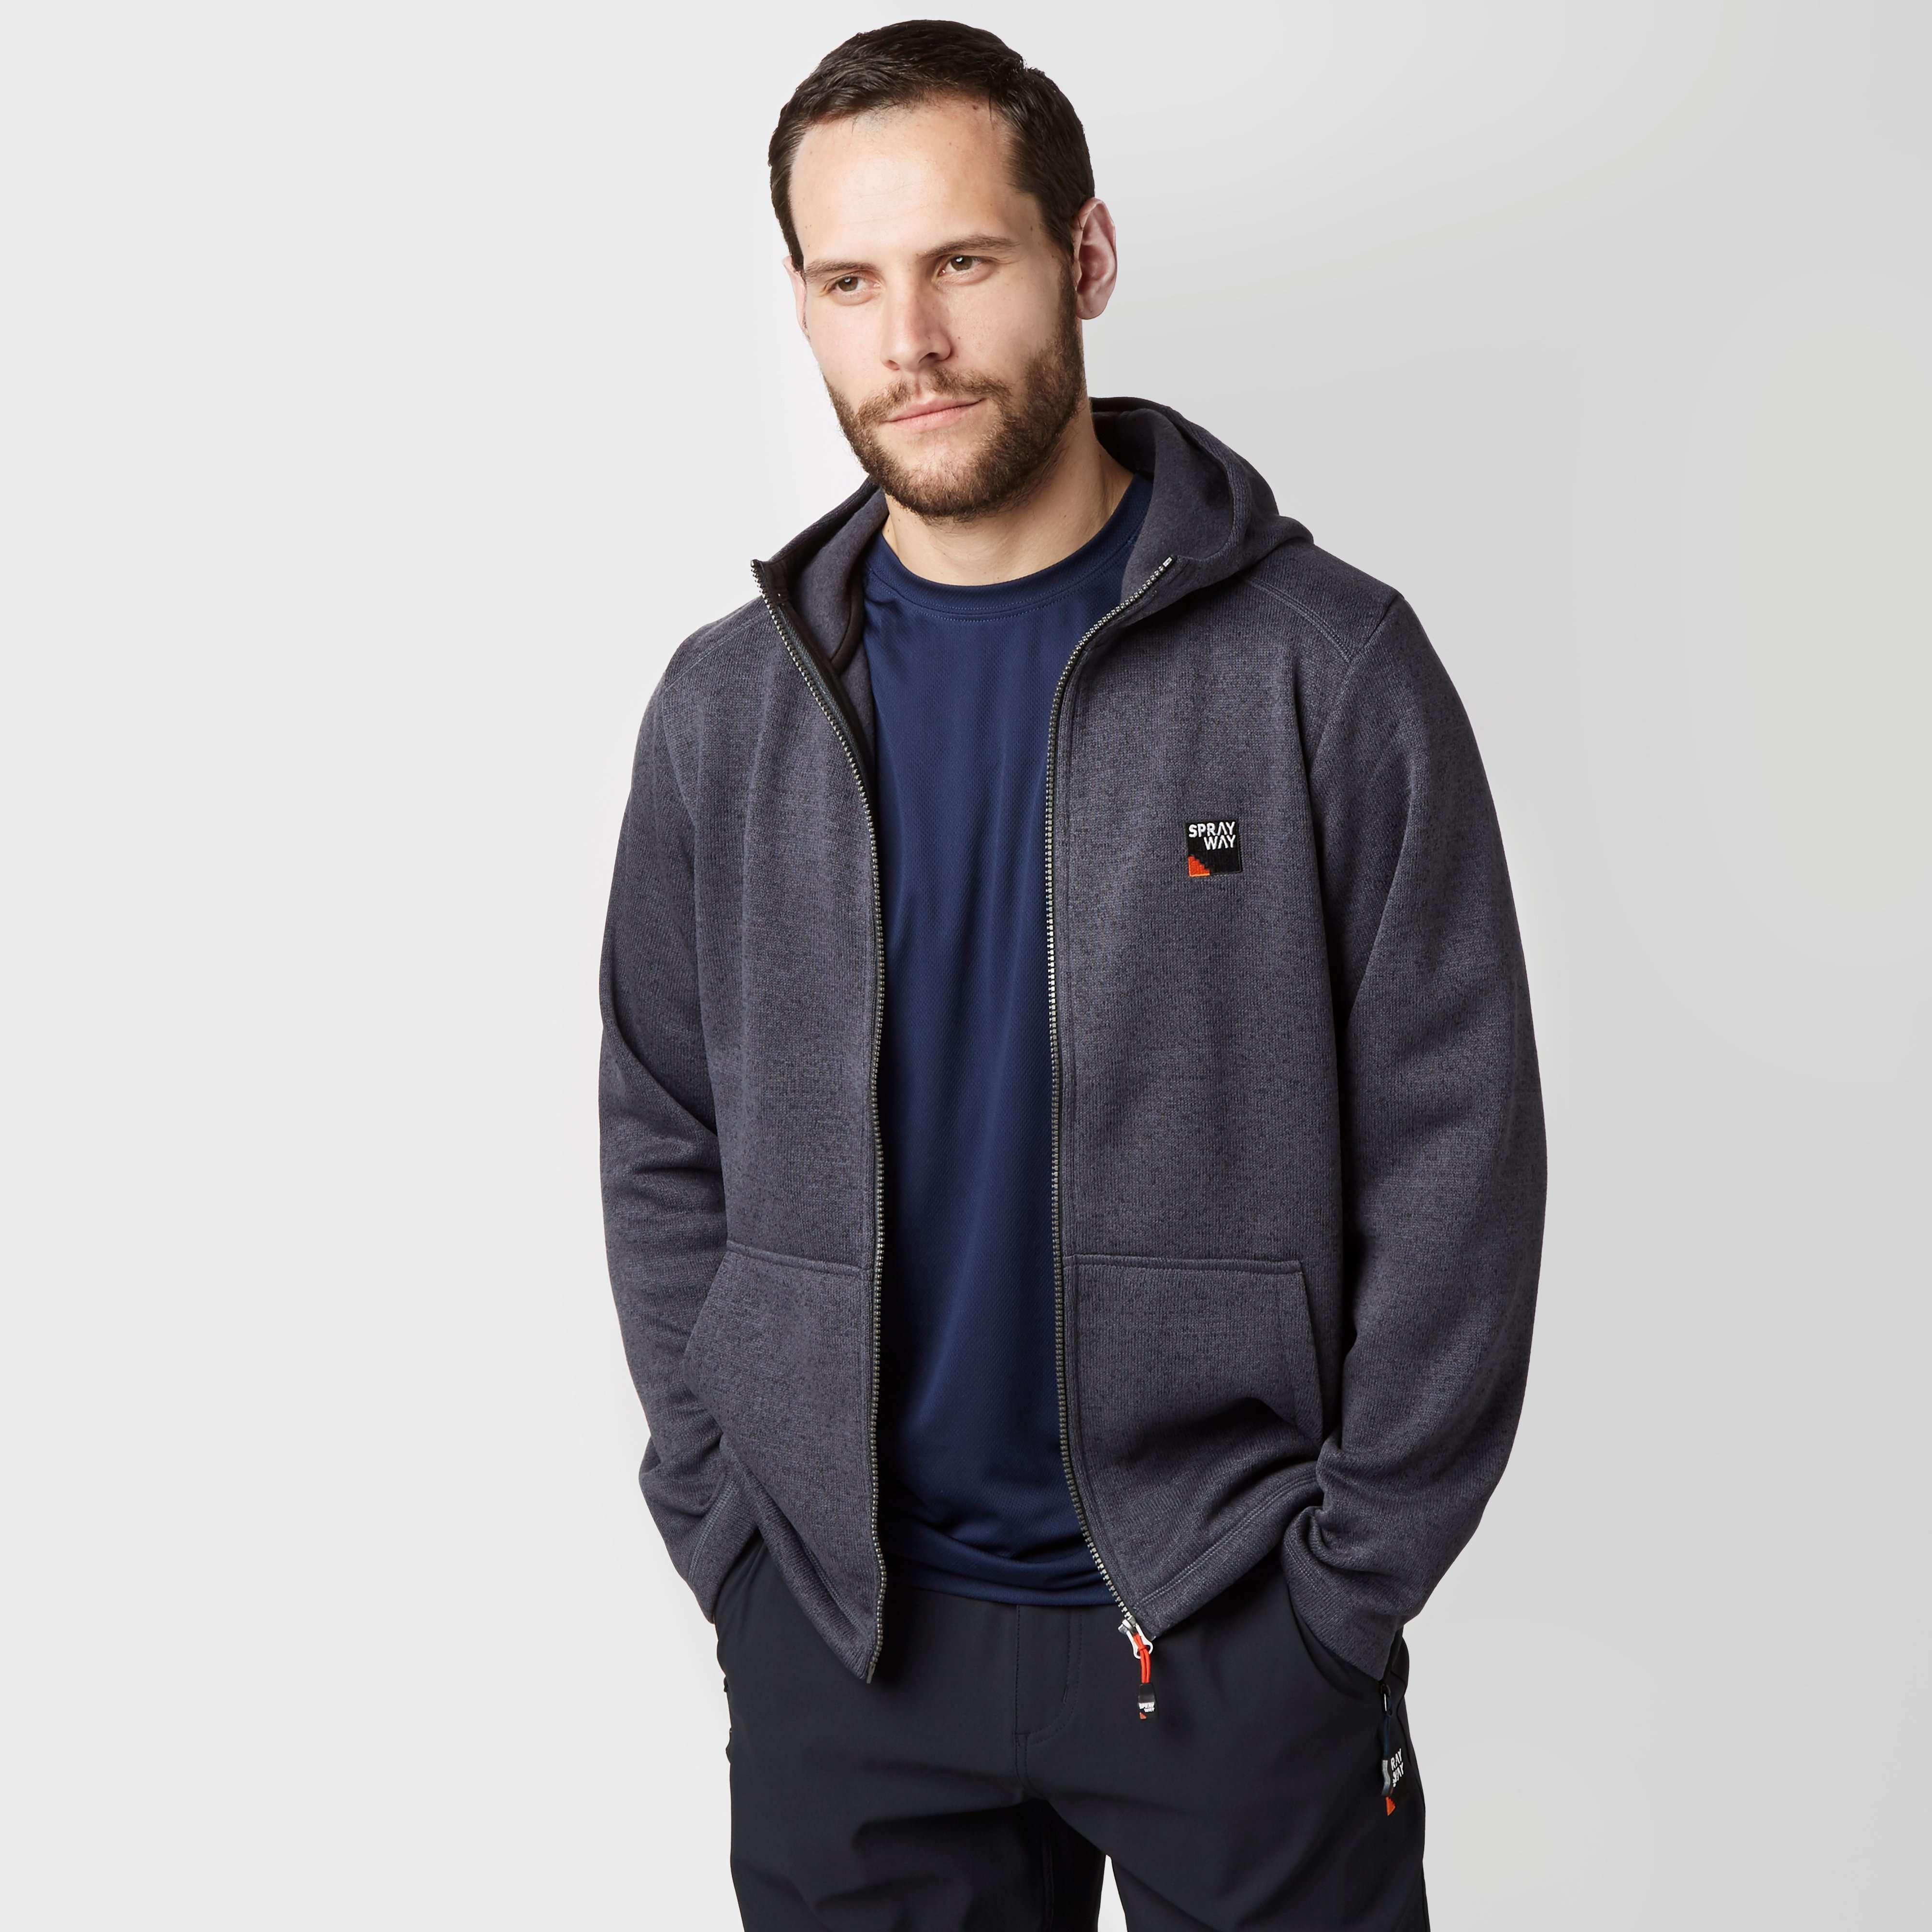 SPRAYWAY Men's Trek Full-Zip Fleece